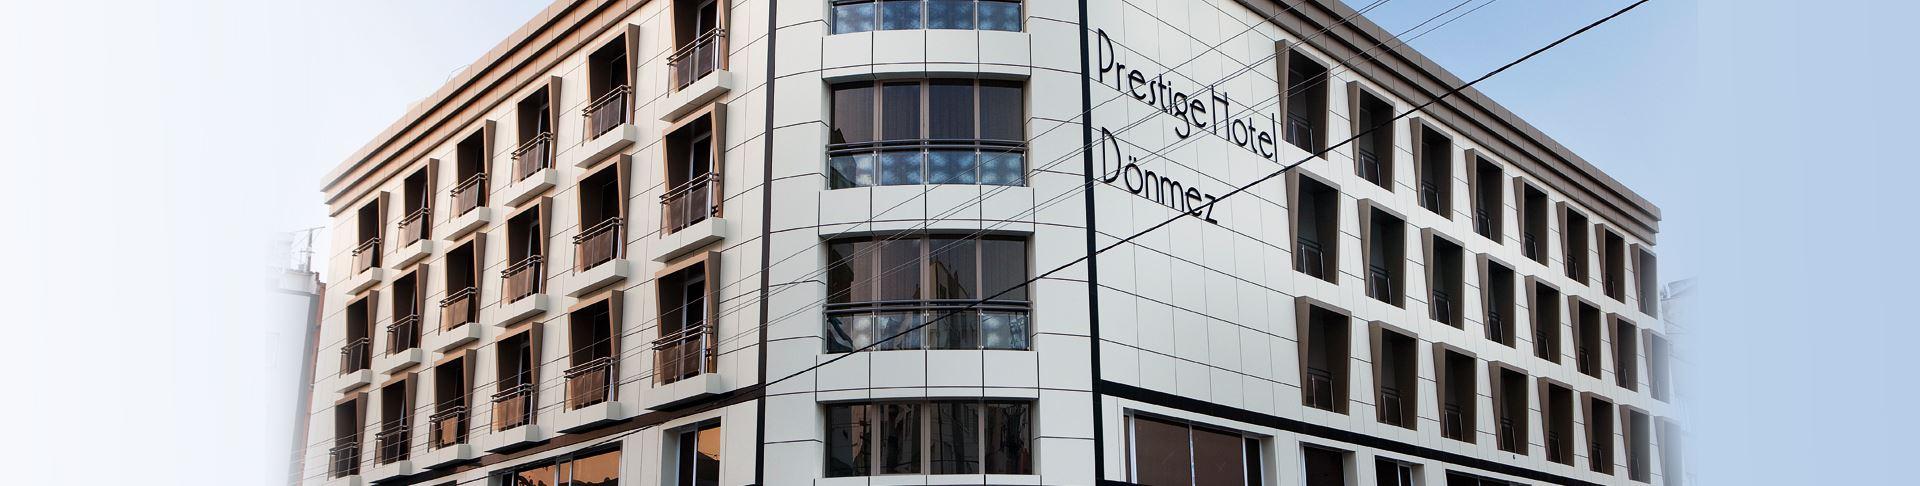 Prestige Hotel Dönmez Aliağa Otelleri Izmir Aliağa Hotel